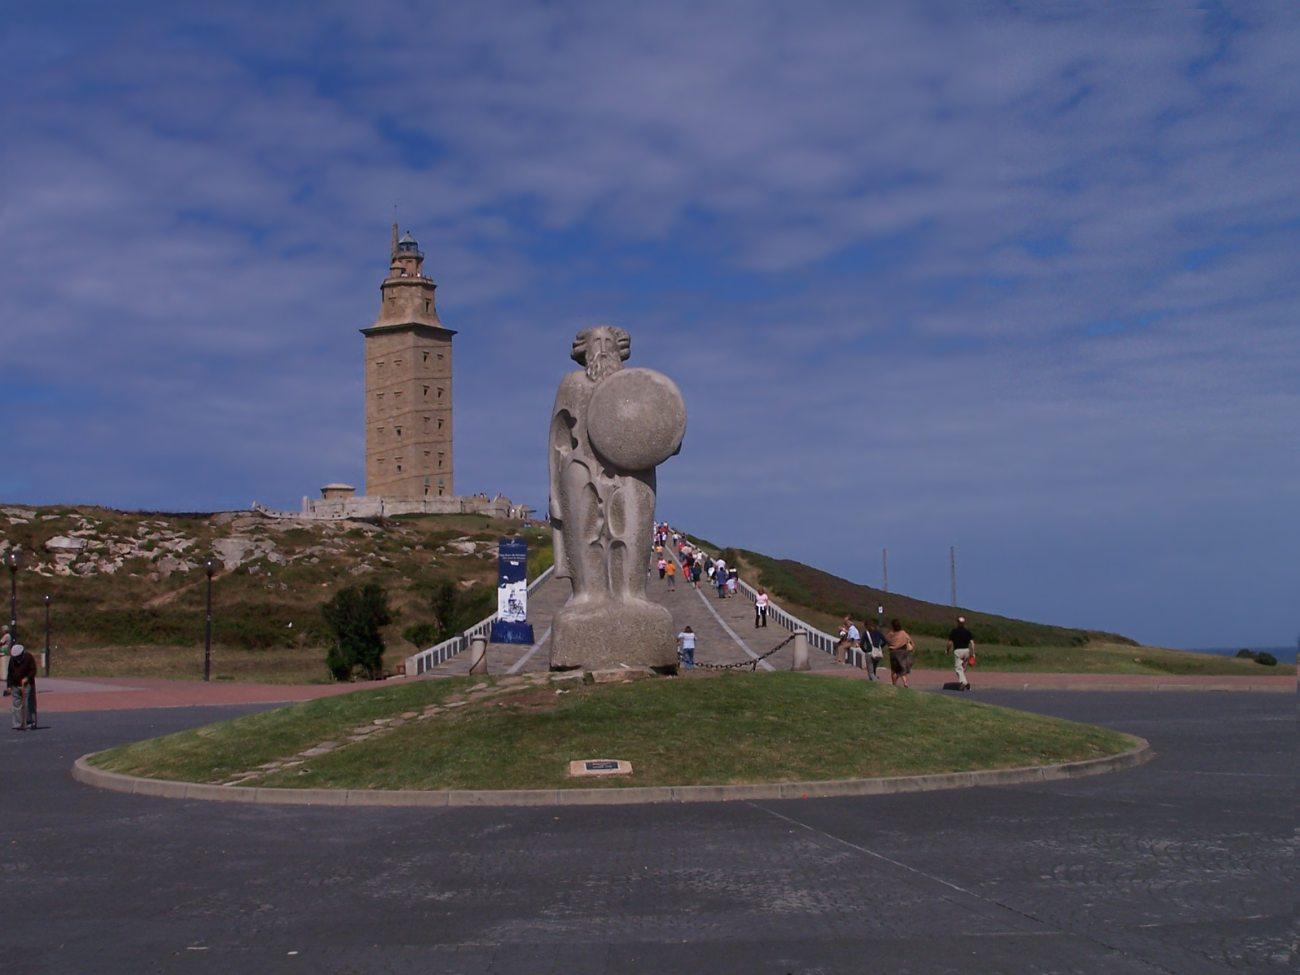 La Coruna Spain  city photo : Ficheiro orixinal  1.300 × 975 píxeles; tamaño do ficheiro: 114 ...